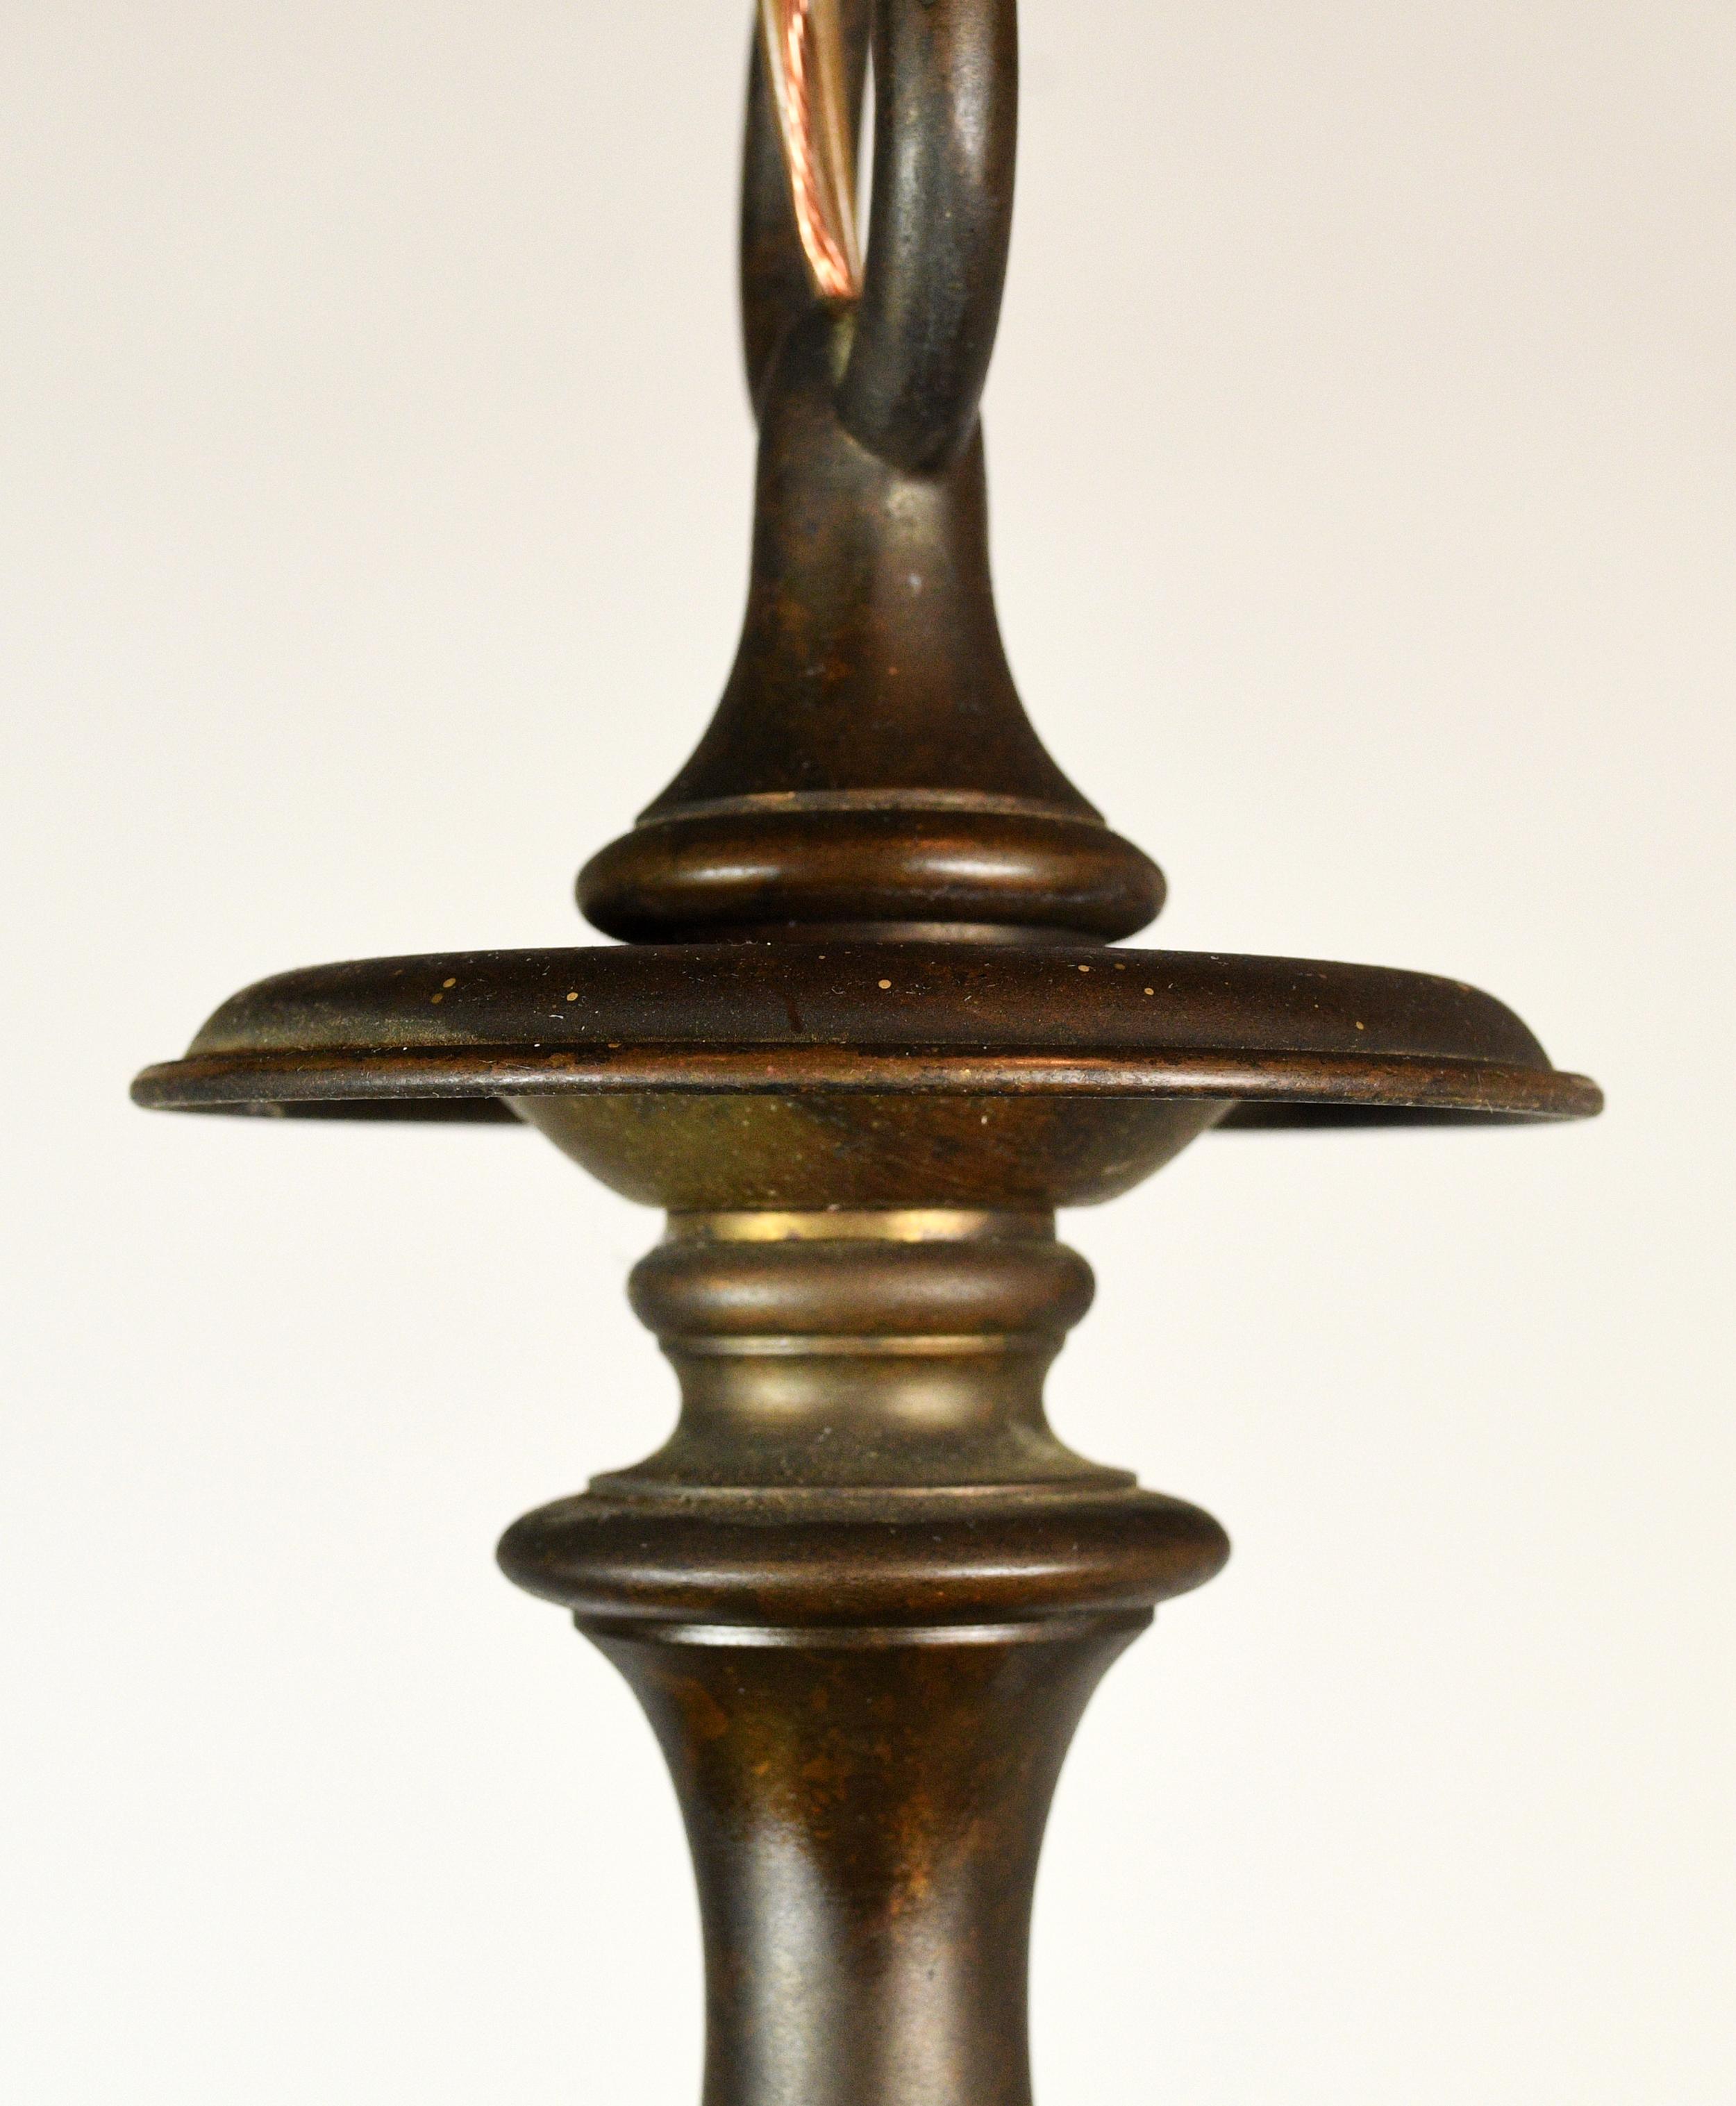 47709-brass-colonial-chandelier-15.jpg